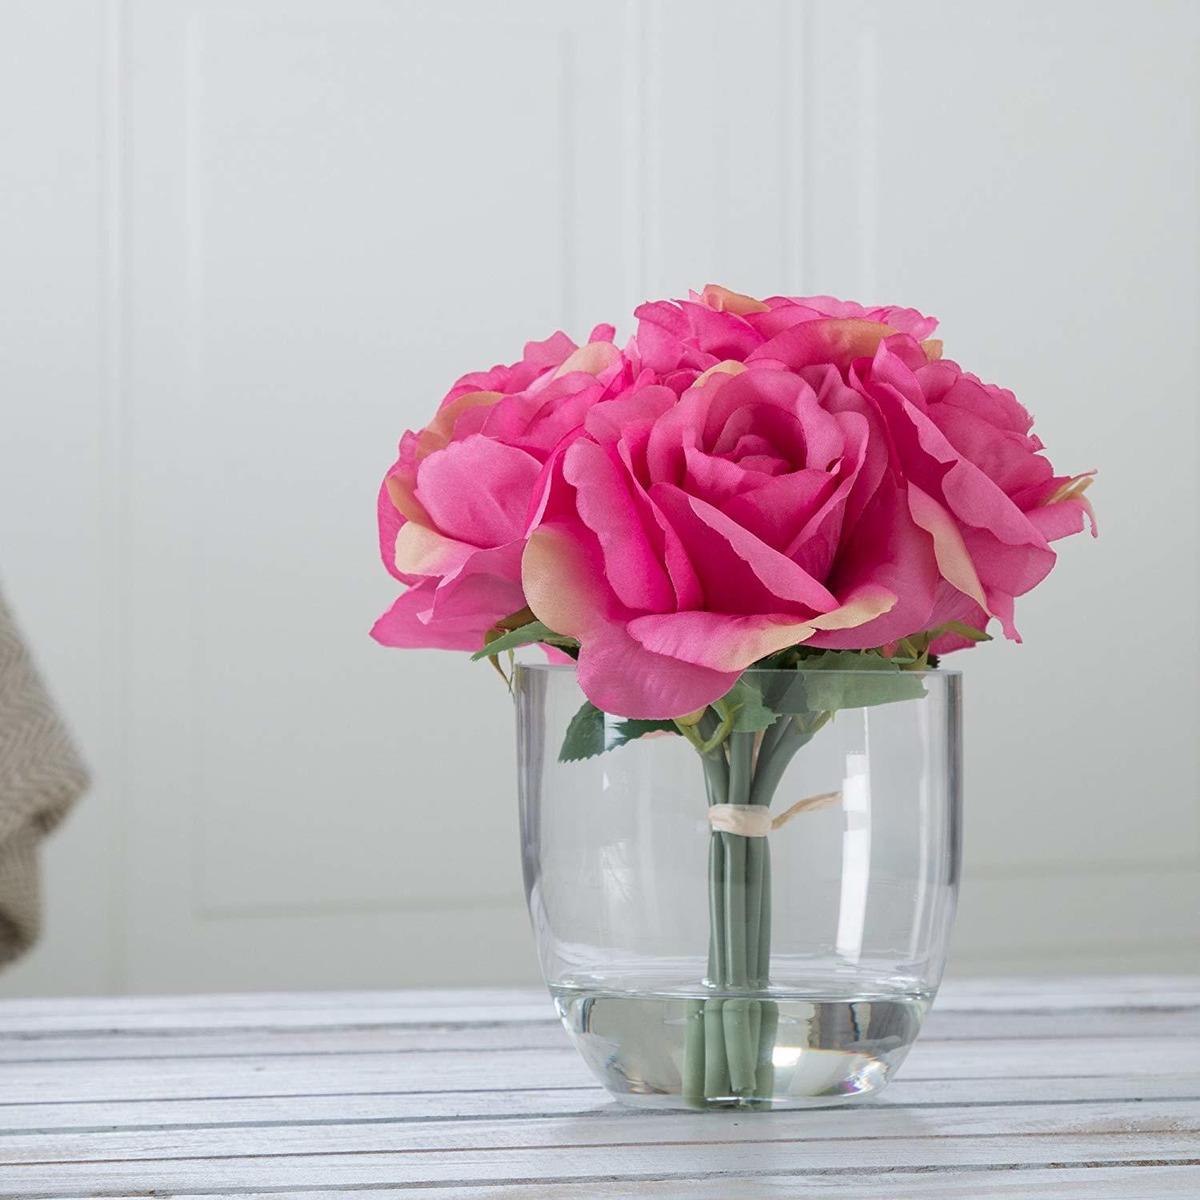 Pure Jardín Rose Arreglo Floral Con Jarrón De Vidrio Col